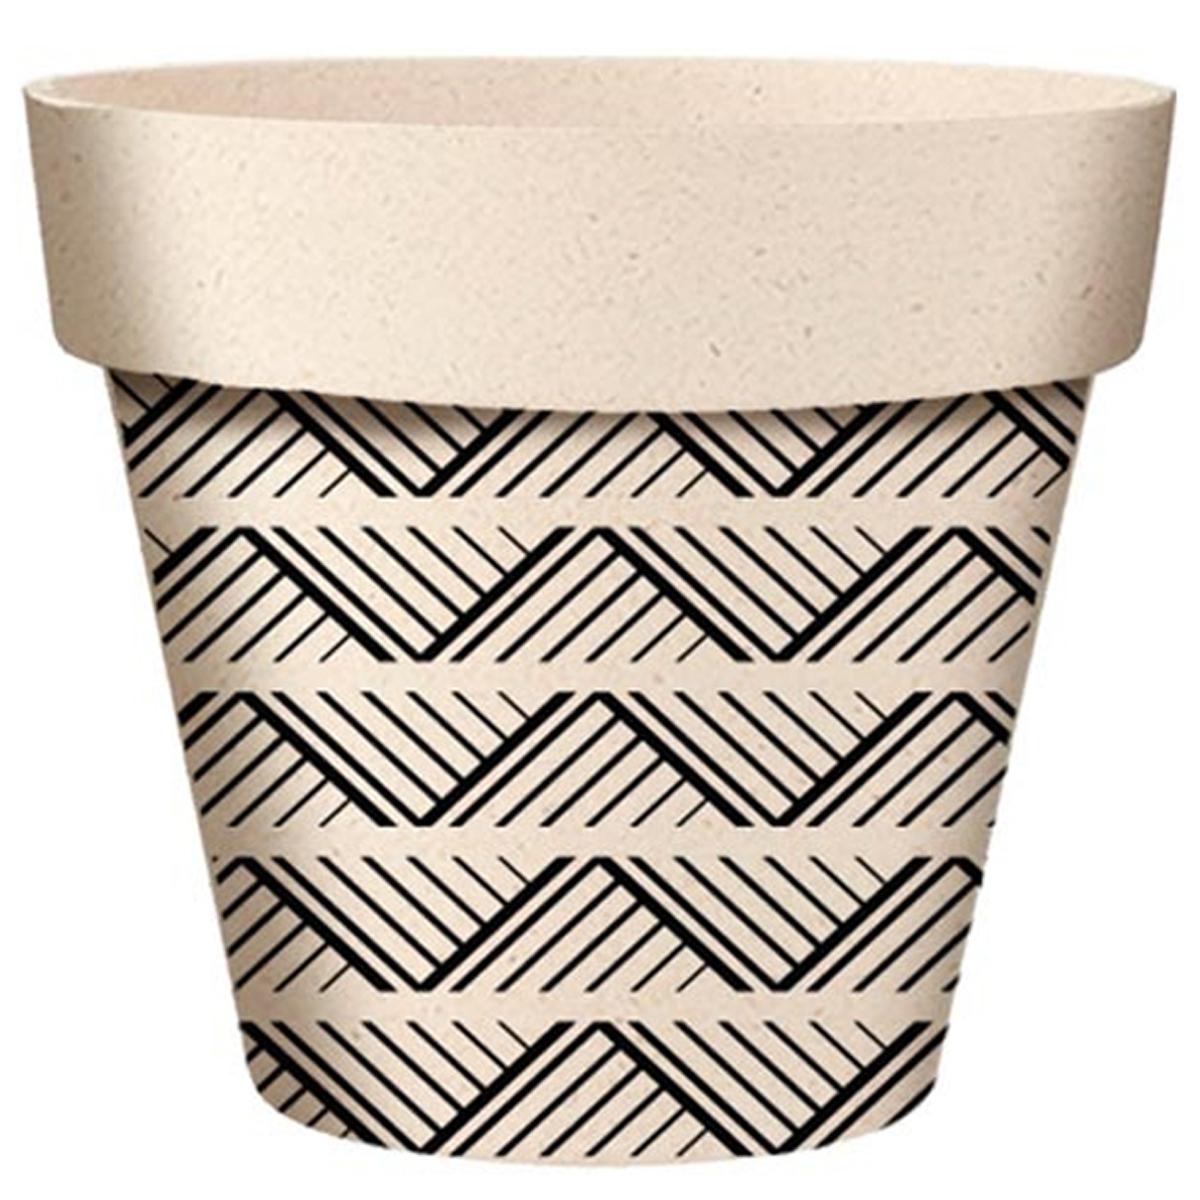 Cache-pot bambou \'Boho\' noir beige  - 22x21 cm - [A2157]